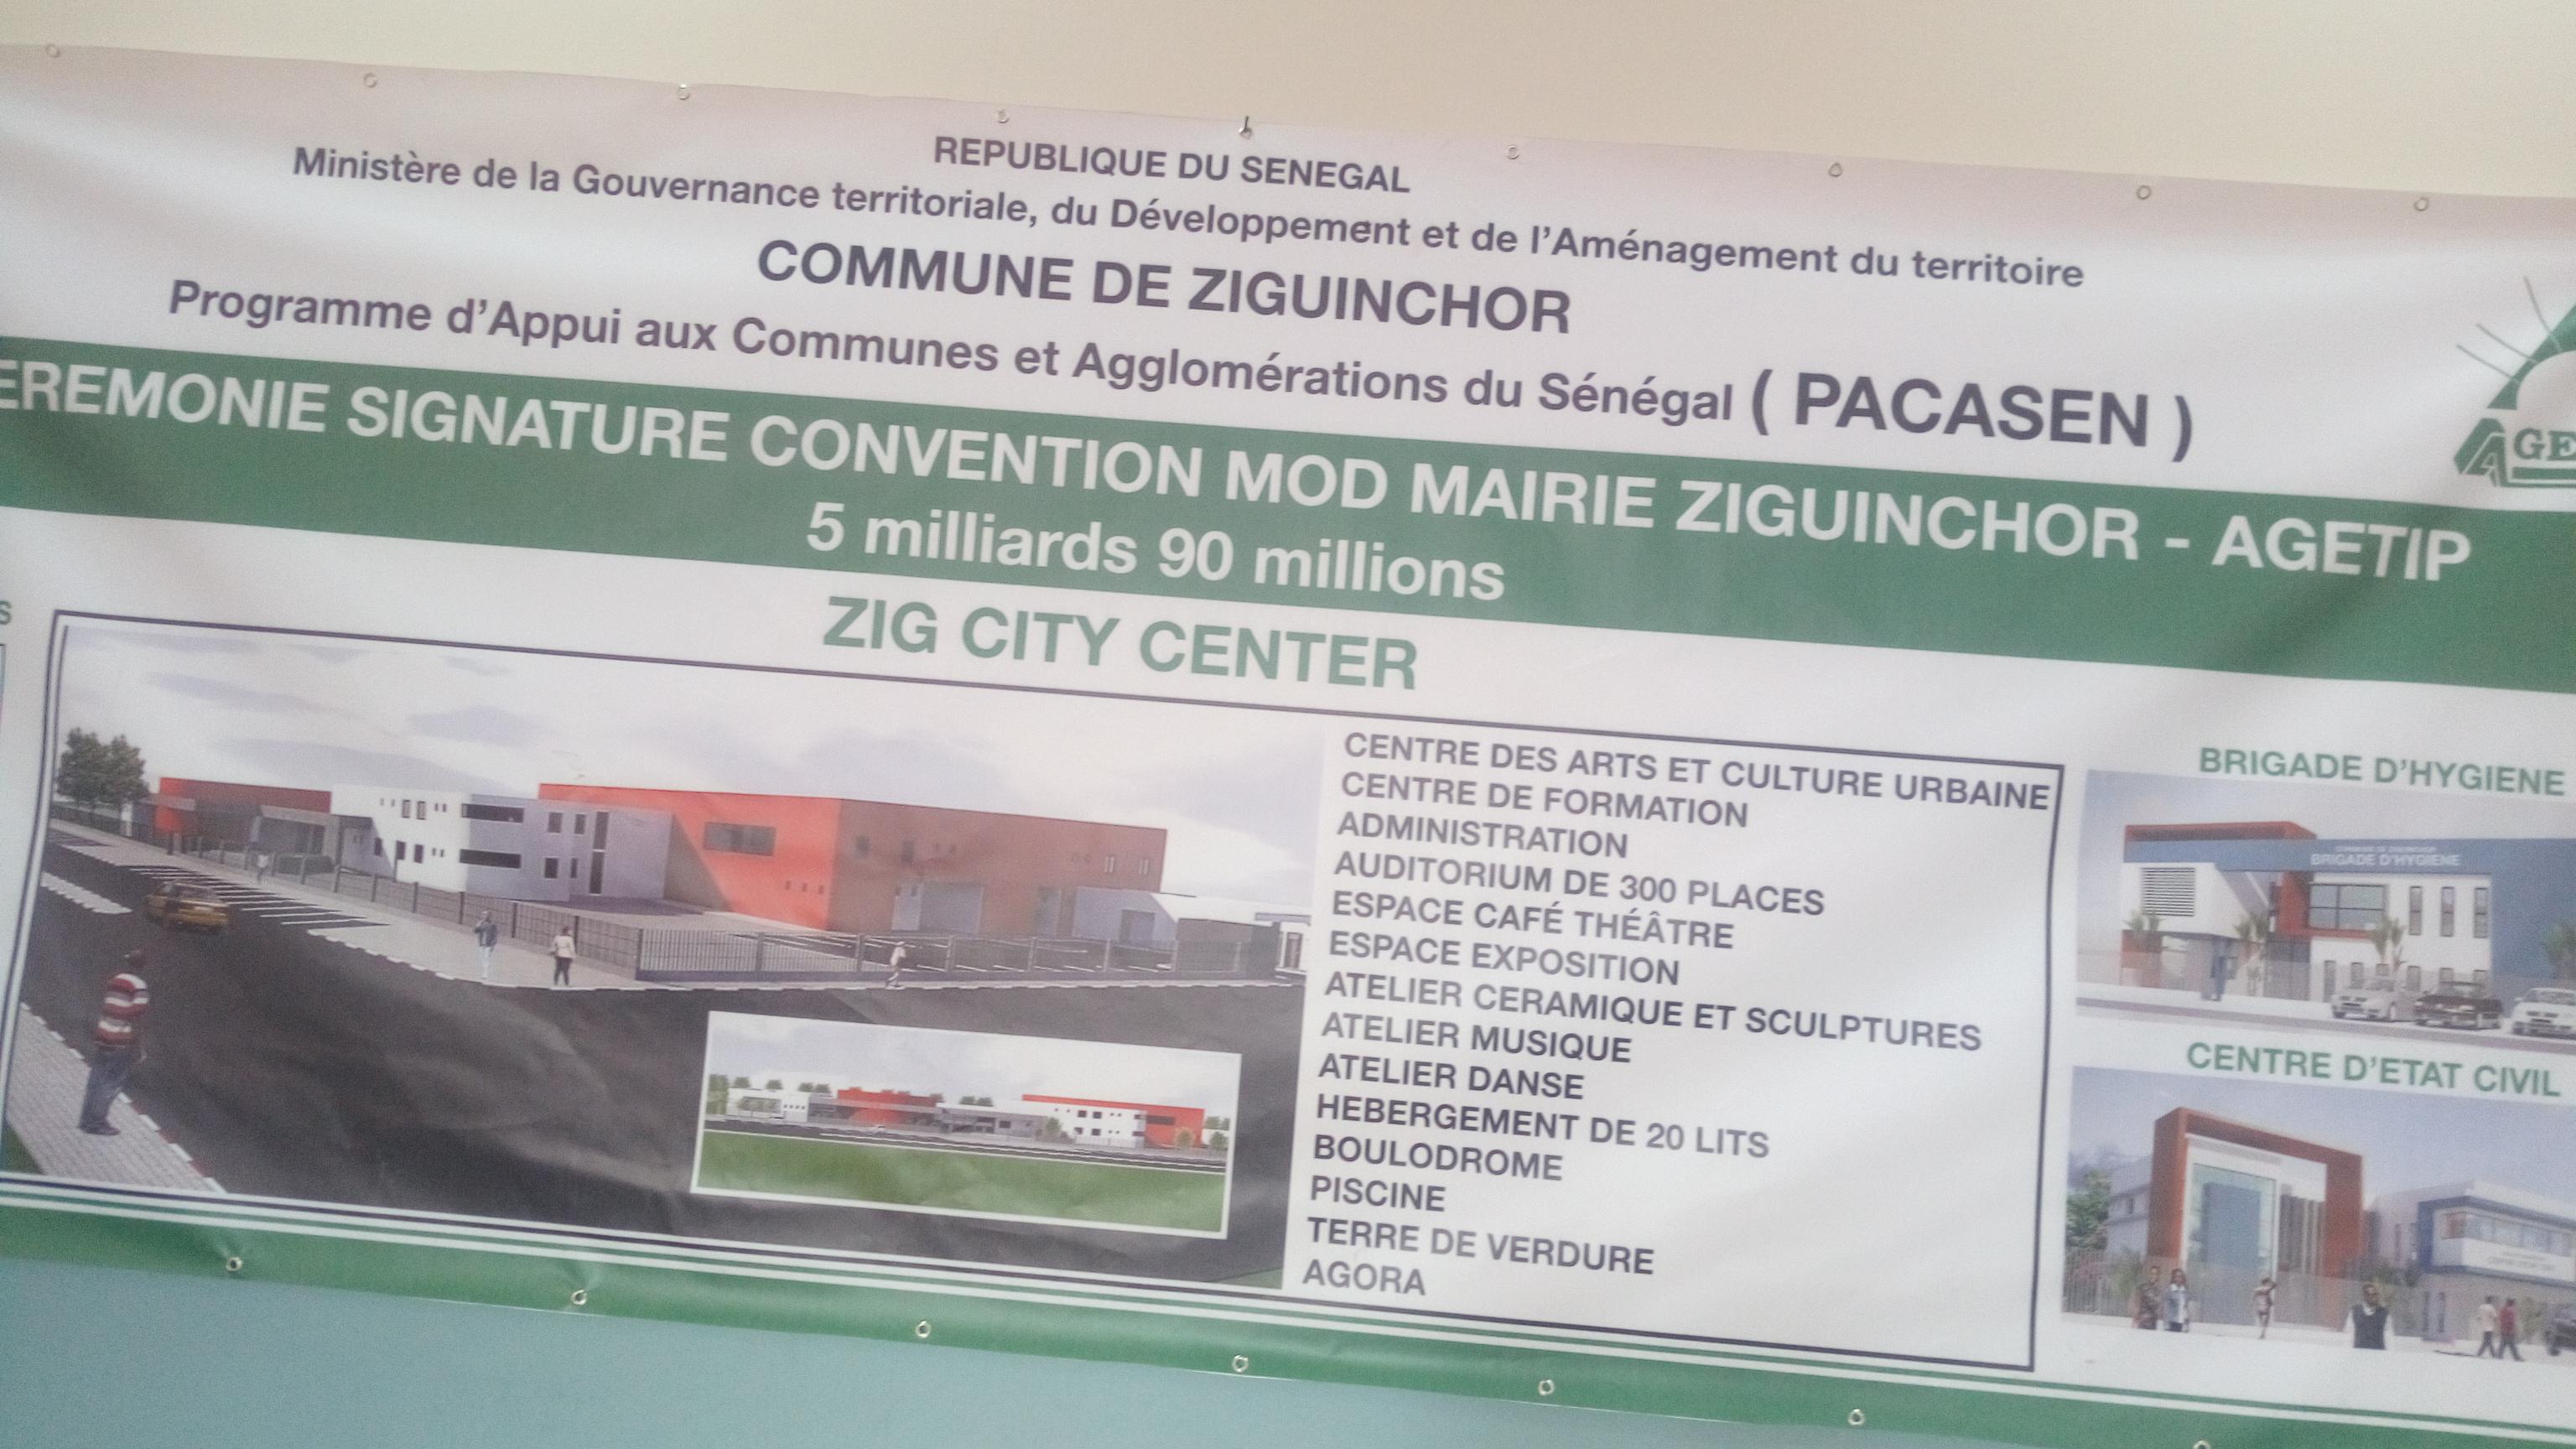 Rapprochement Baldé avec le Pouvoir, la ville de Ziguinchor en marche